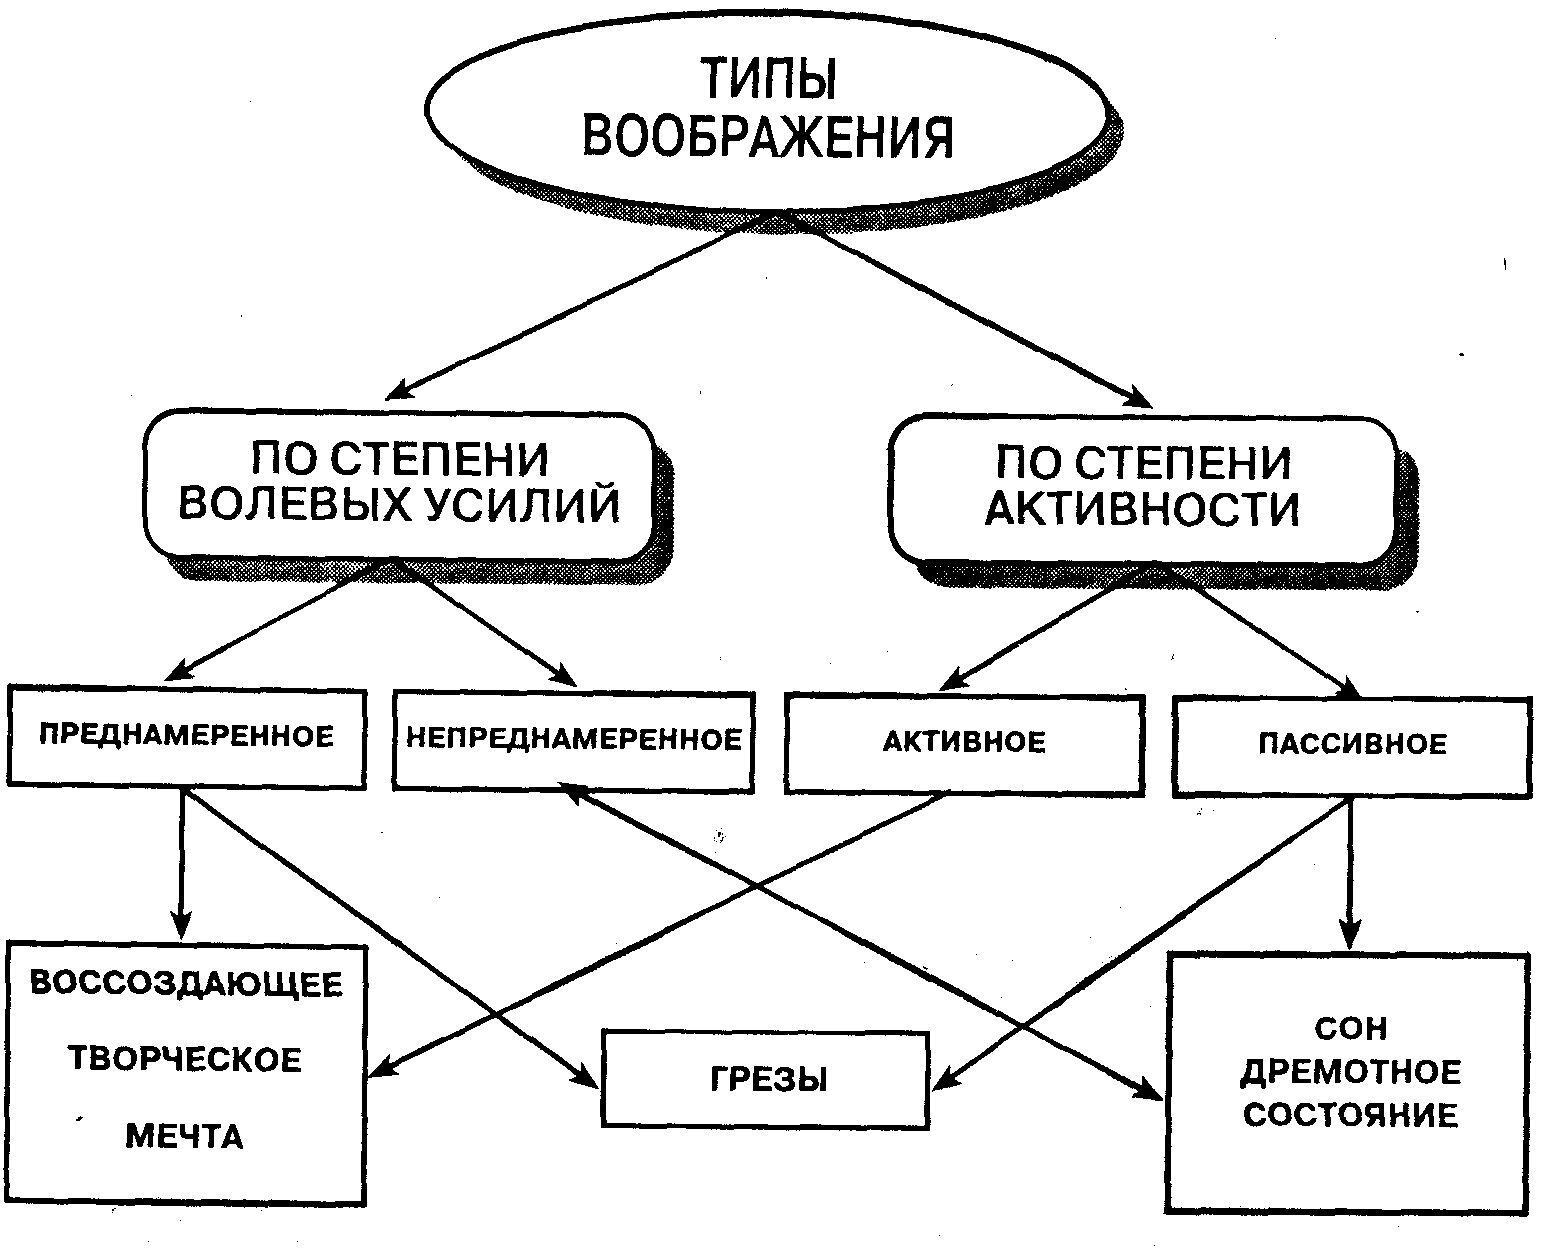 воображение в психологии по петровскому